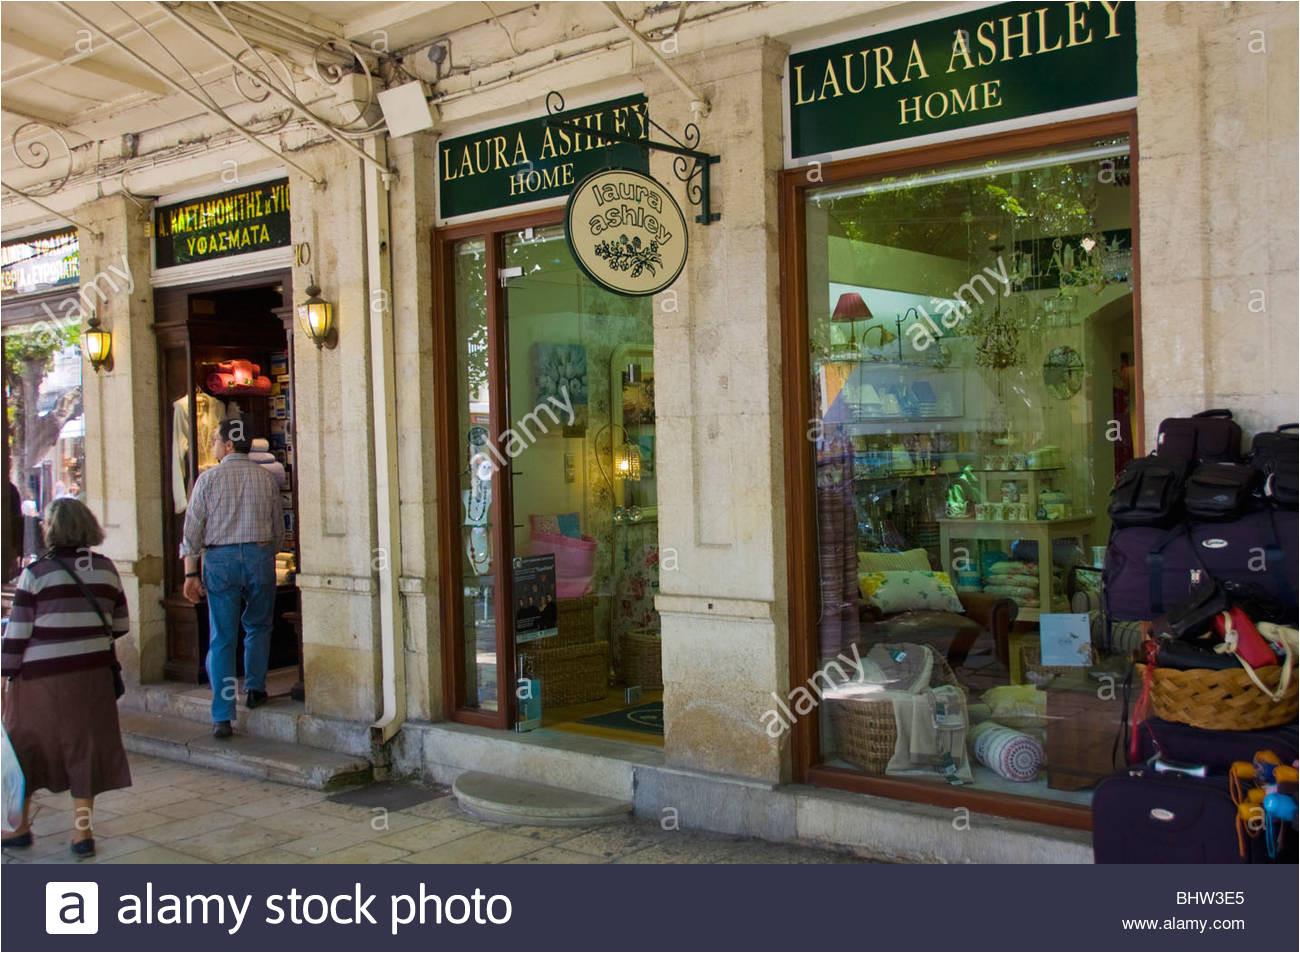 laura ashley store in korfu stadt auf der griechischen insel korfu